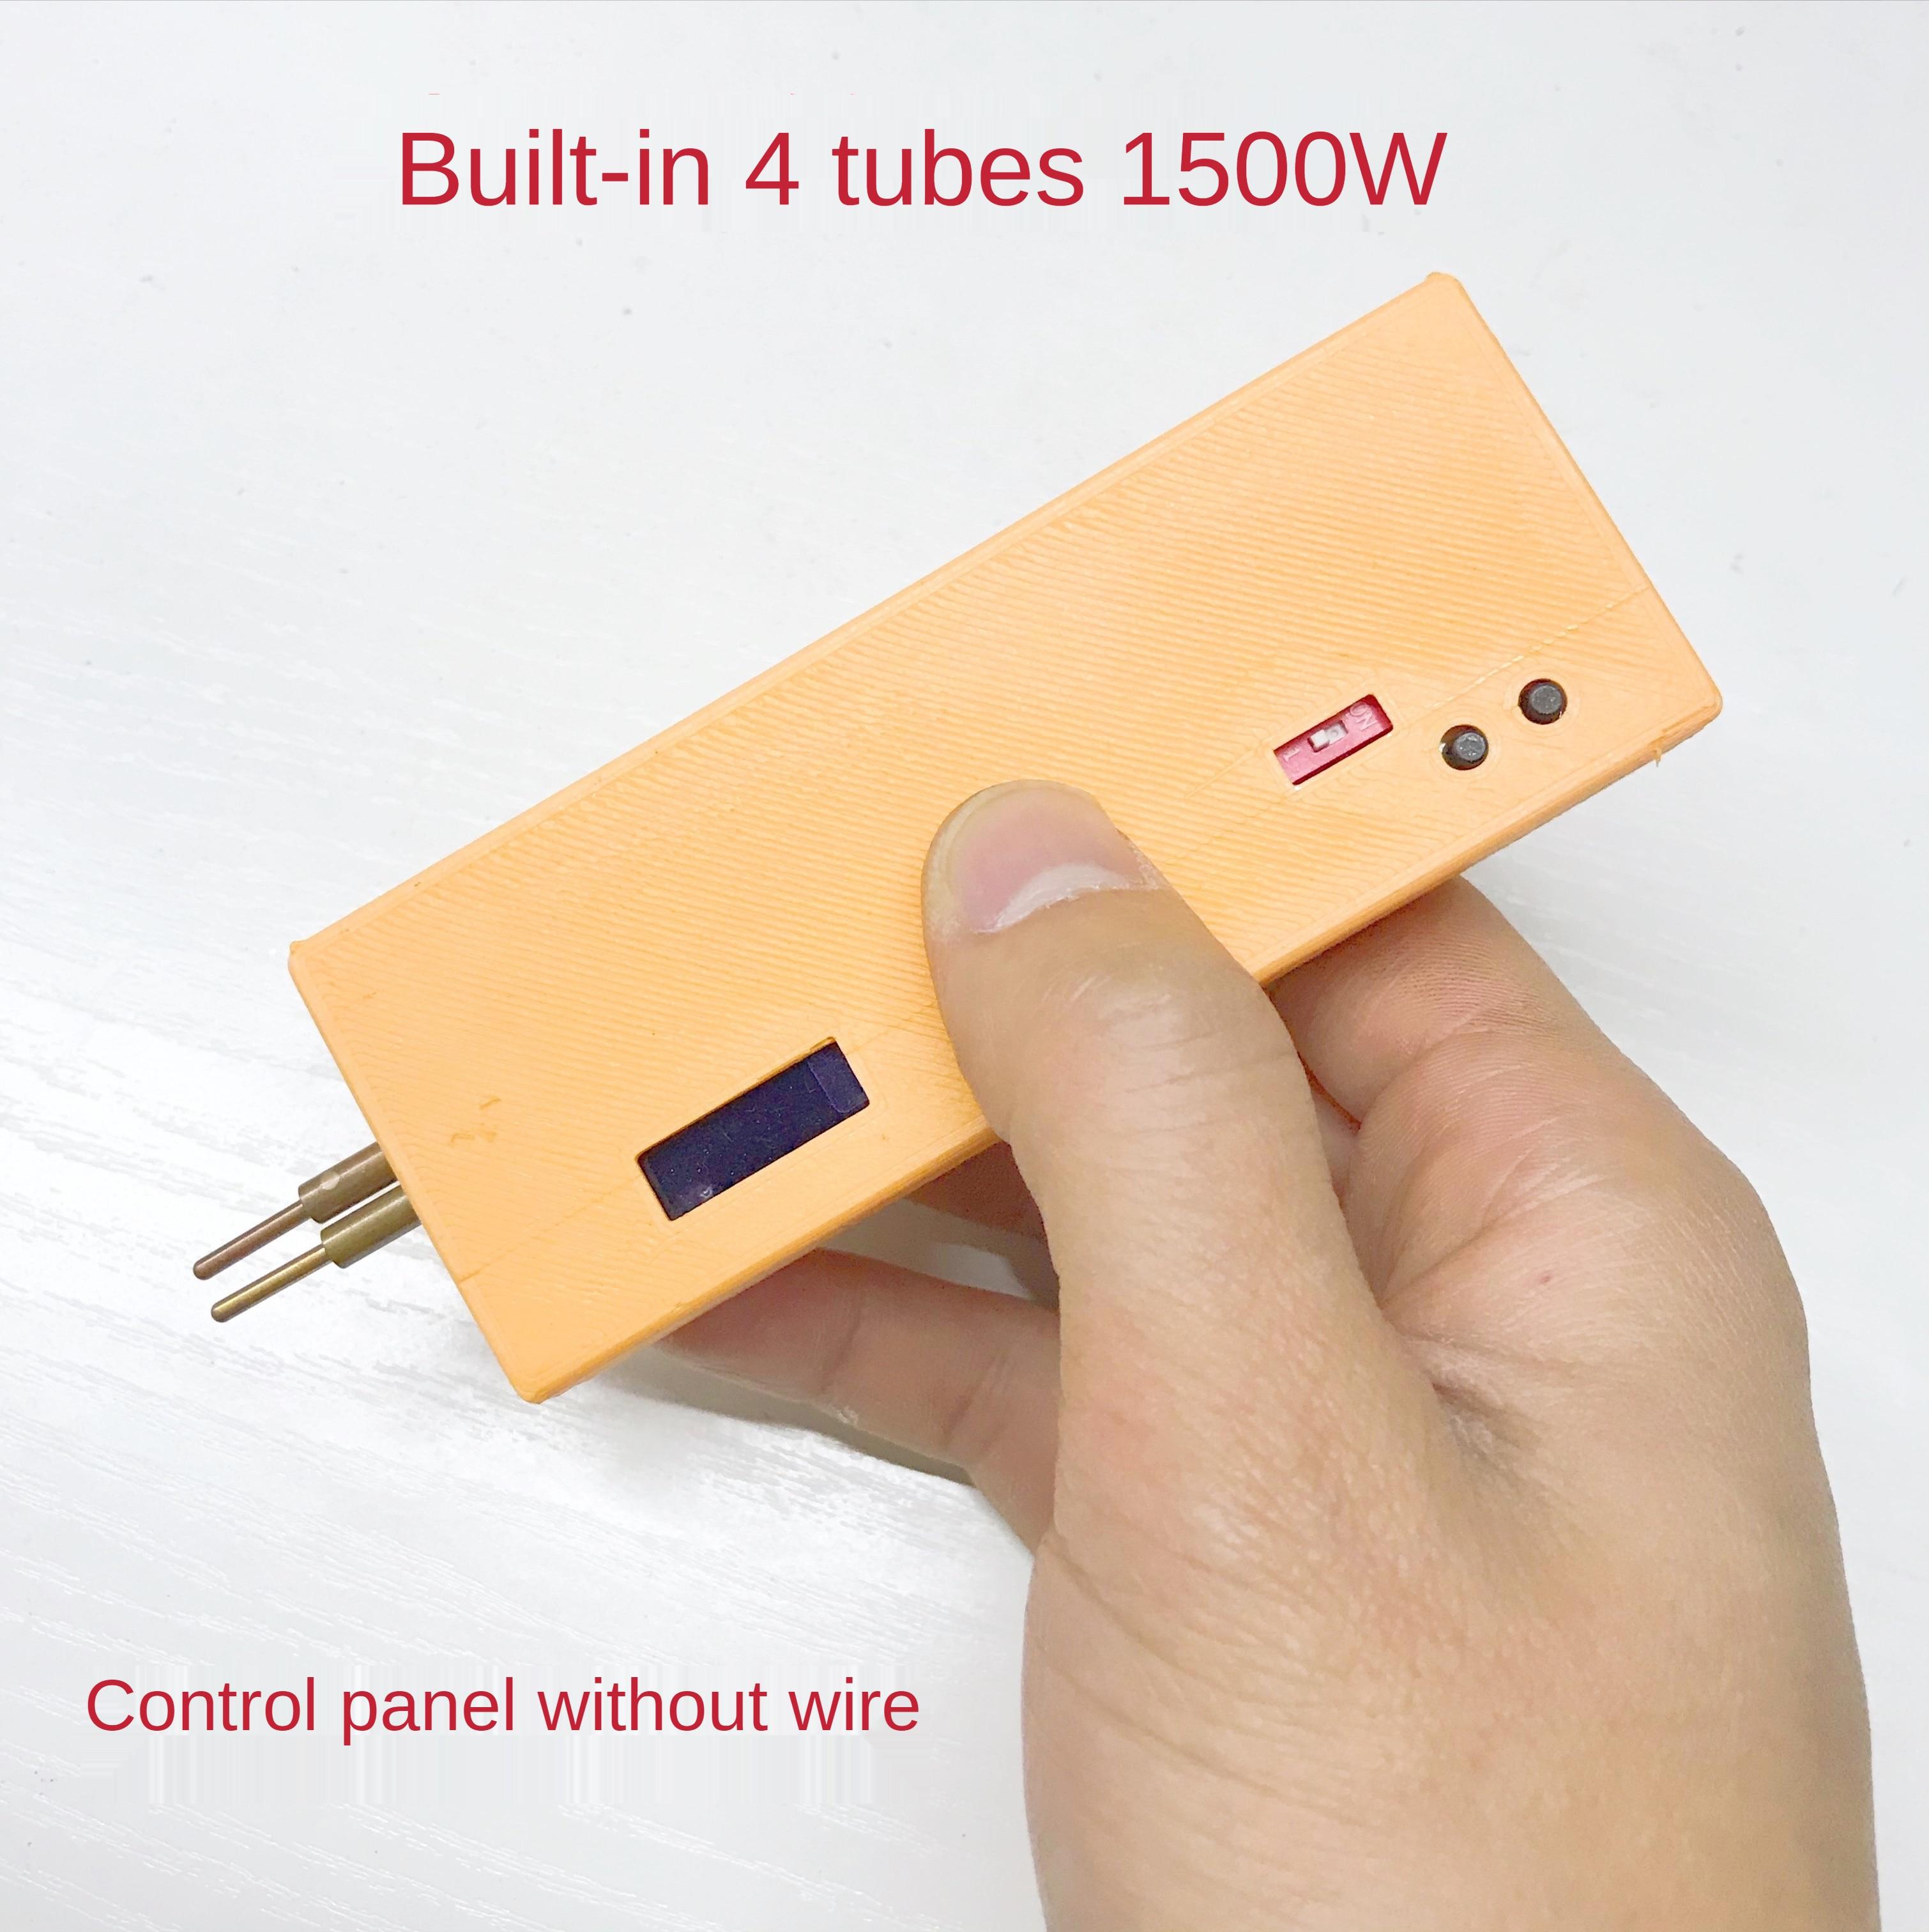 Mini Handheld Spot Welder Equipment Portable Battery Spot Welding Machine Integrated Control Welding Tools OLED 0.2 Nickel enlarge